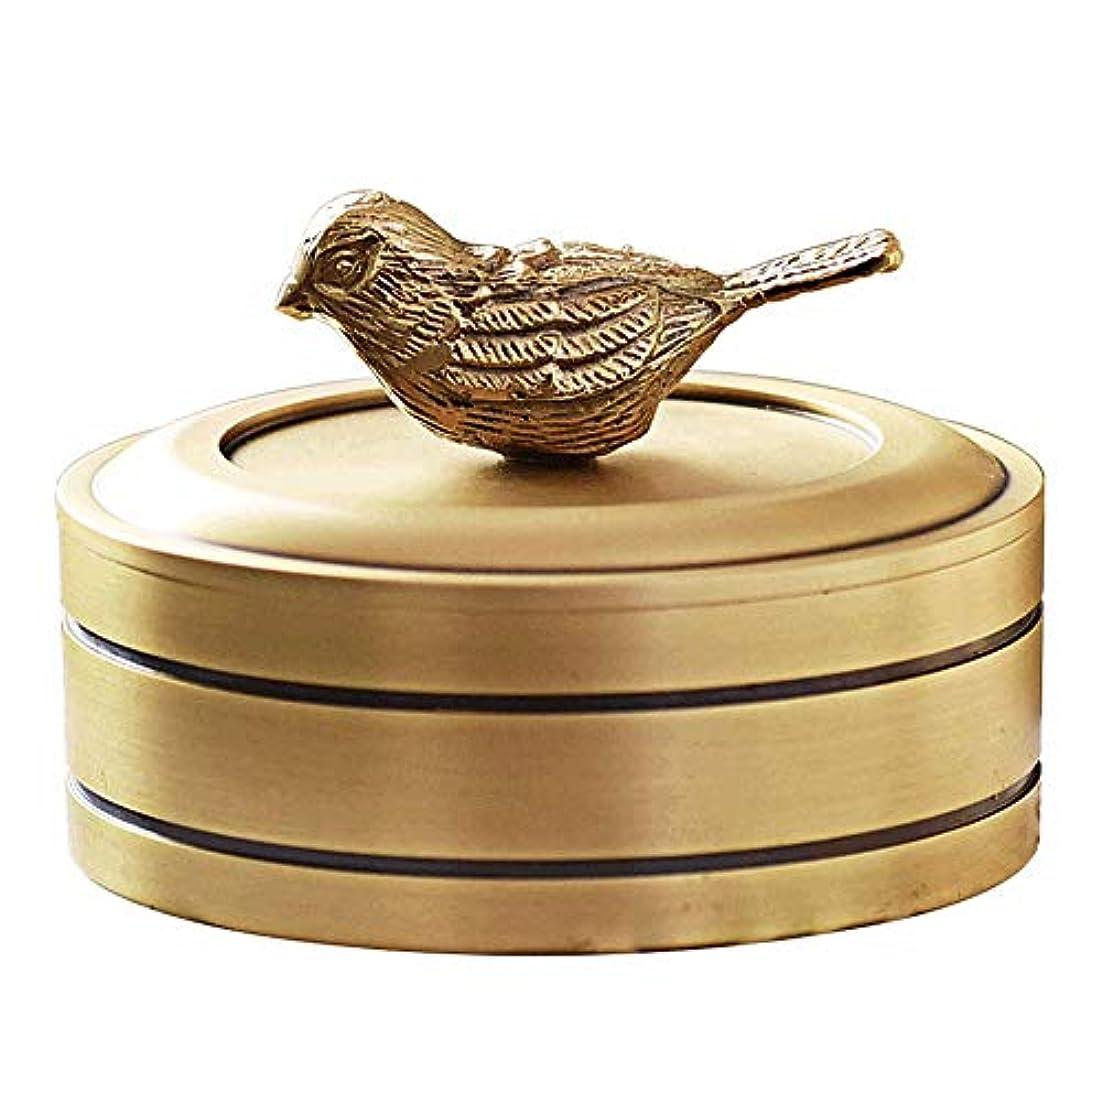 こねるなる宅配便銅の宝石箱ファッションギフトリビングルームホームデコレーション装飾品でカバー純粋な銅灰皿